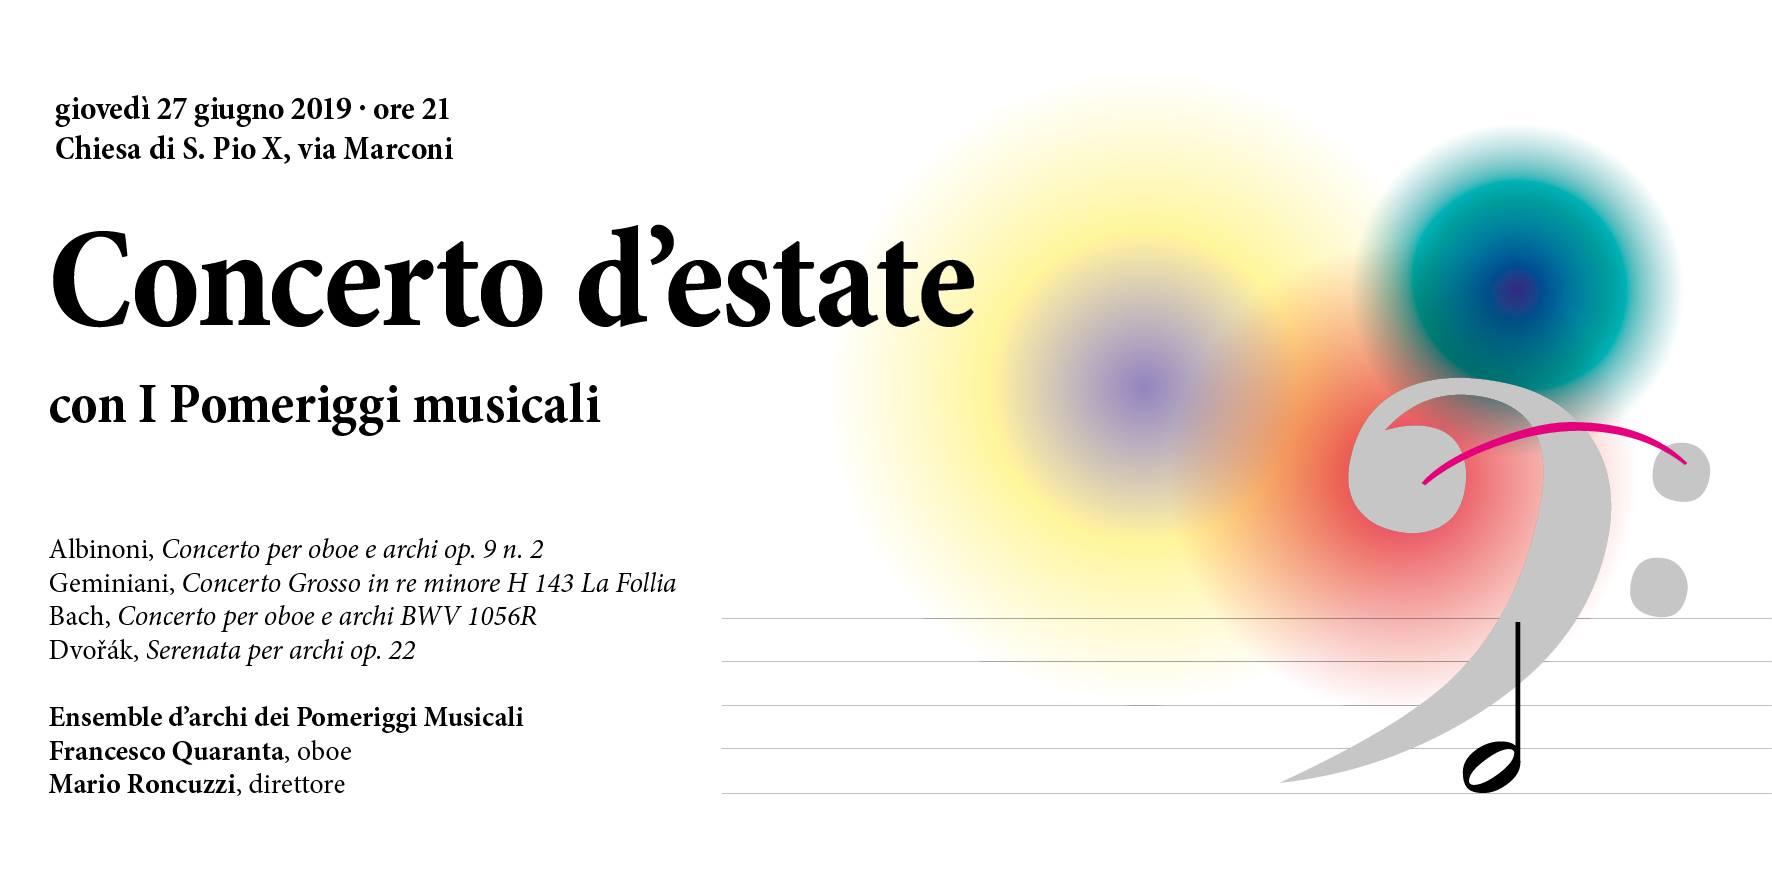 Concerto d'Estate_San Pio X